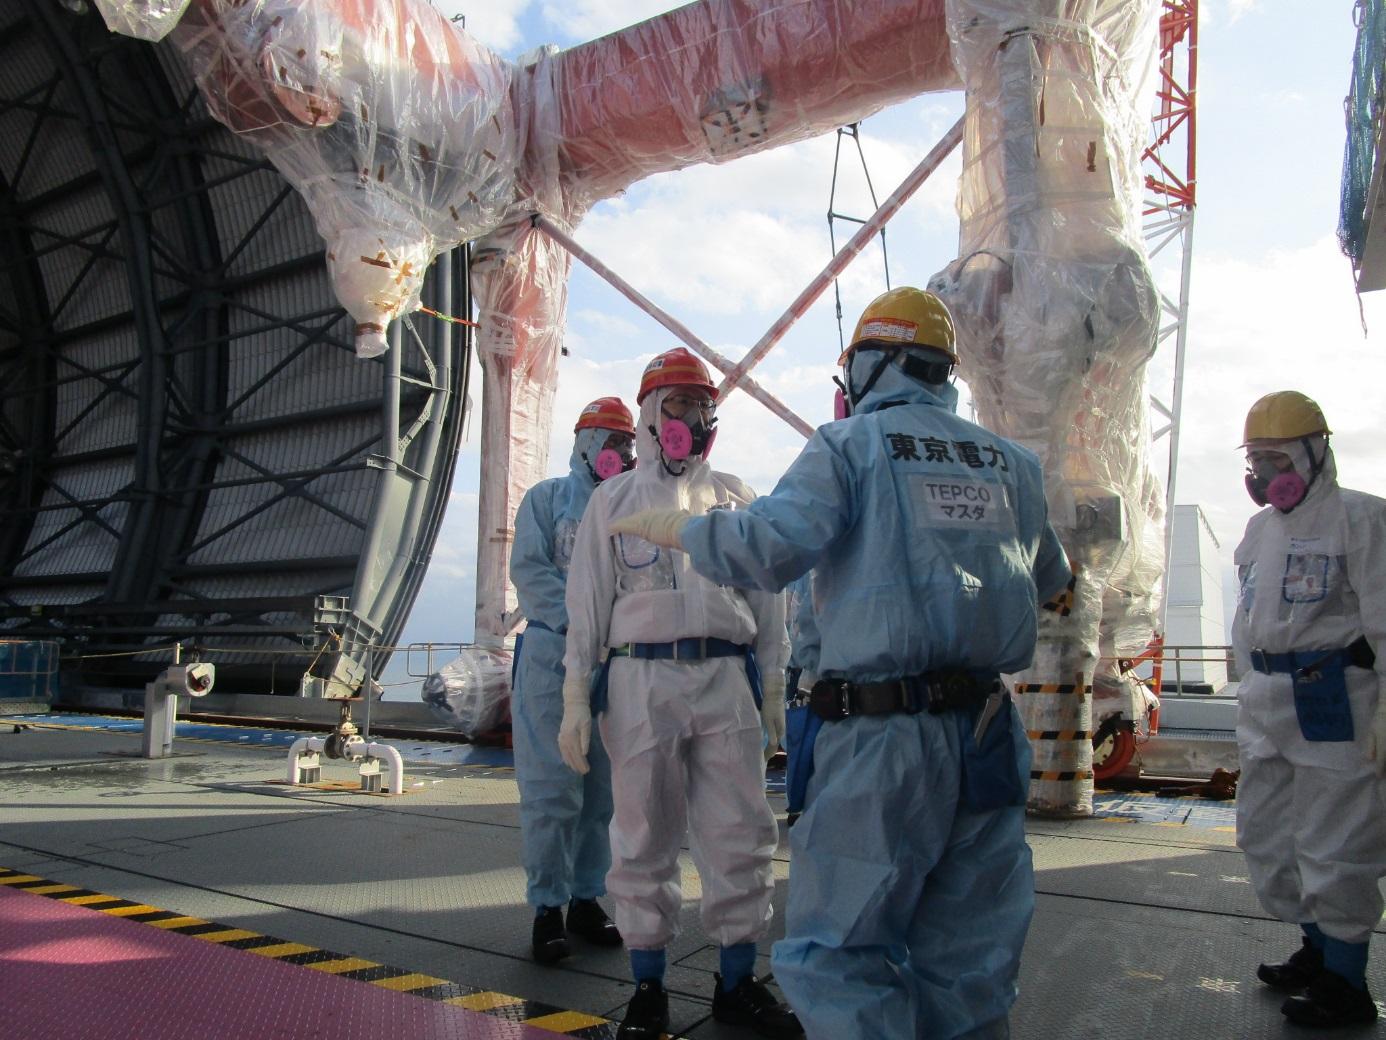 Guvernér prefektury Fukušima před novou horní části budovy třetího bloku a konstrukcemi pro jeřáby připravenými k instalaci (zdroj TEPCO).